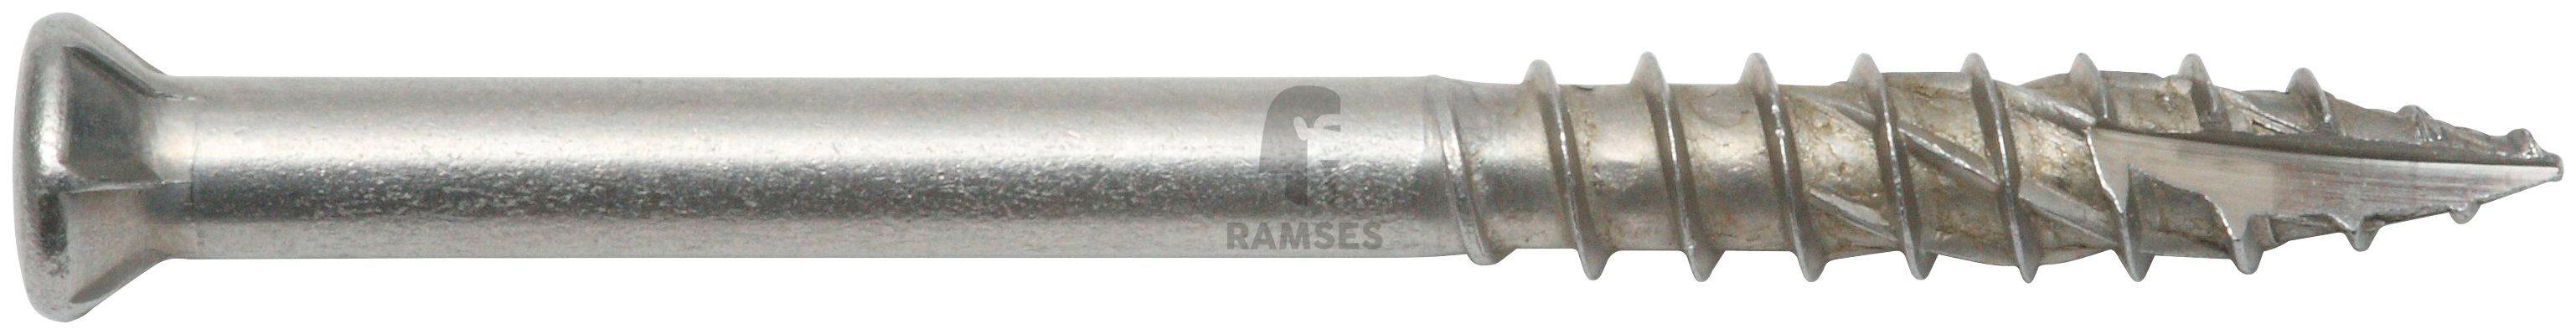 RAMSES Schrauben , Terrassenschraube 5,5 x 70 mm A4 ttap 25 mit Bit 90 Stk.